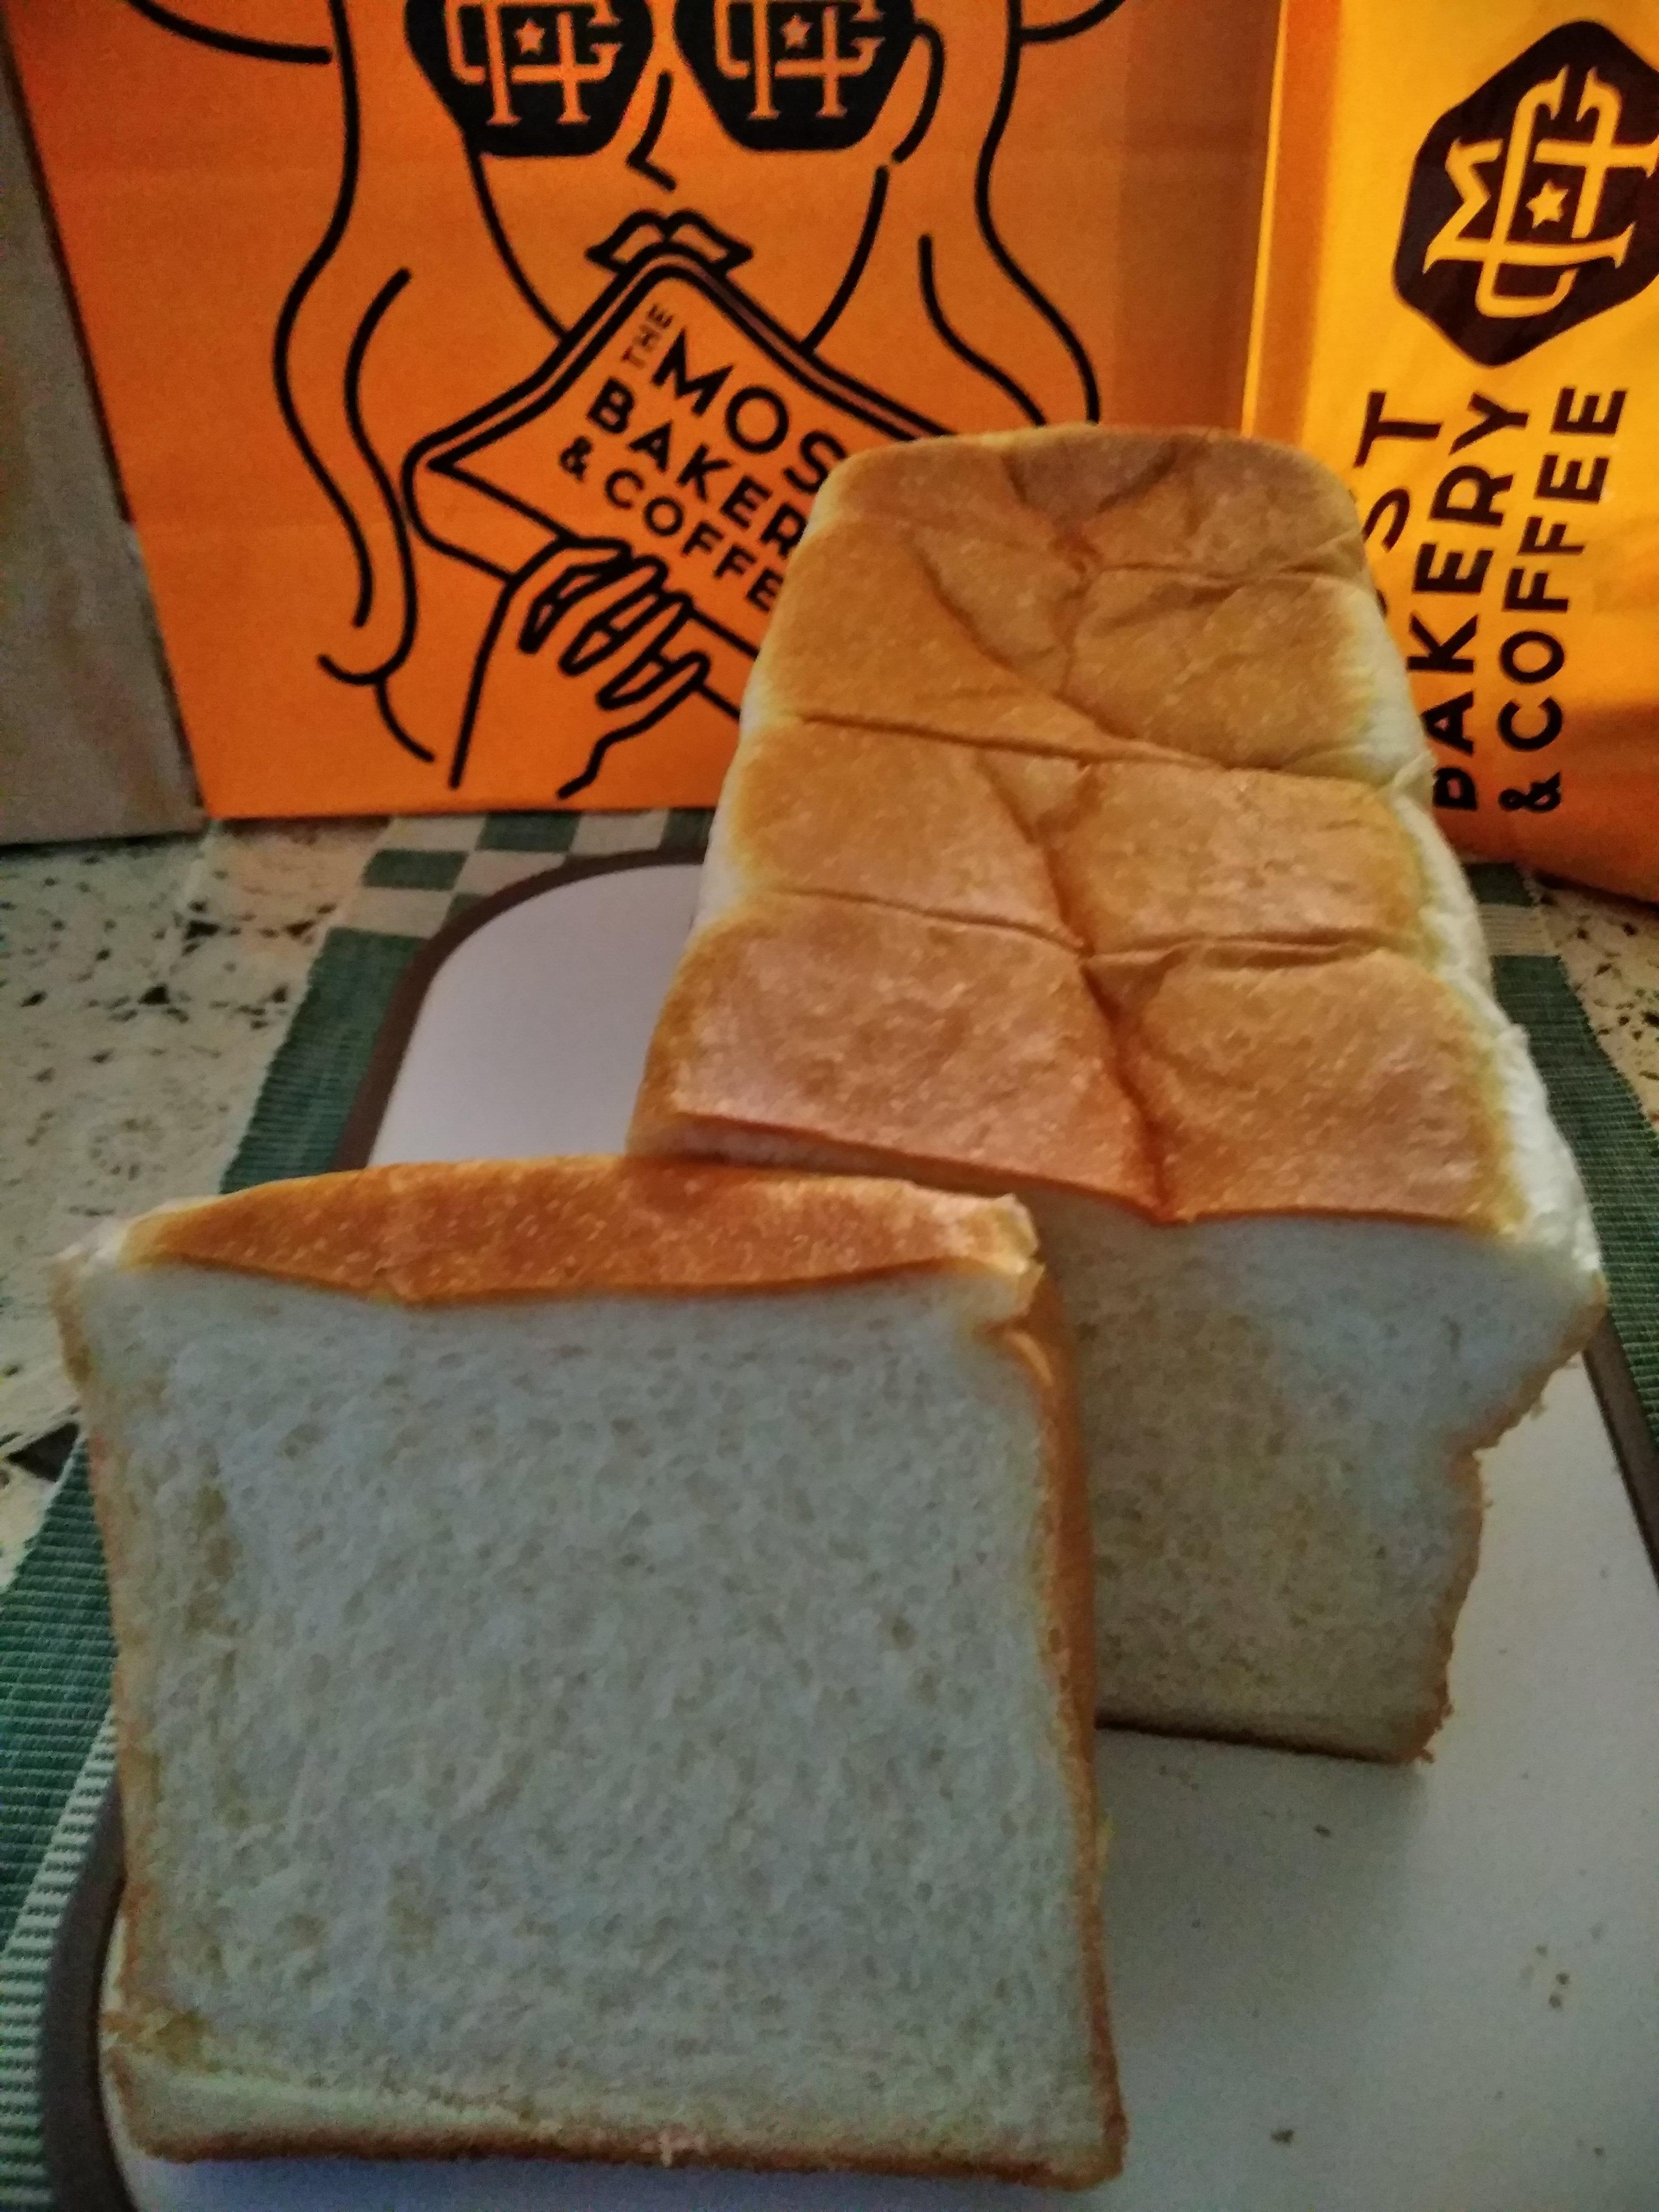 ザ・モストベーカリー仙台東口店で『純生』食パンを購入した!